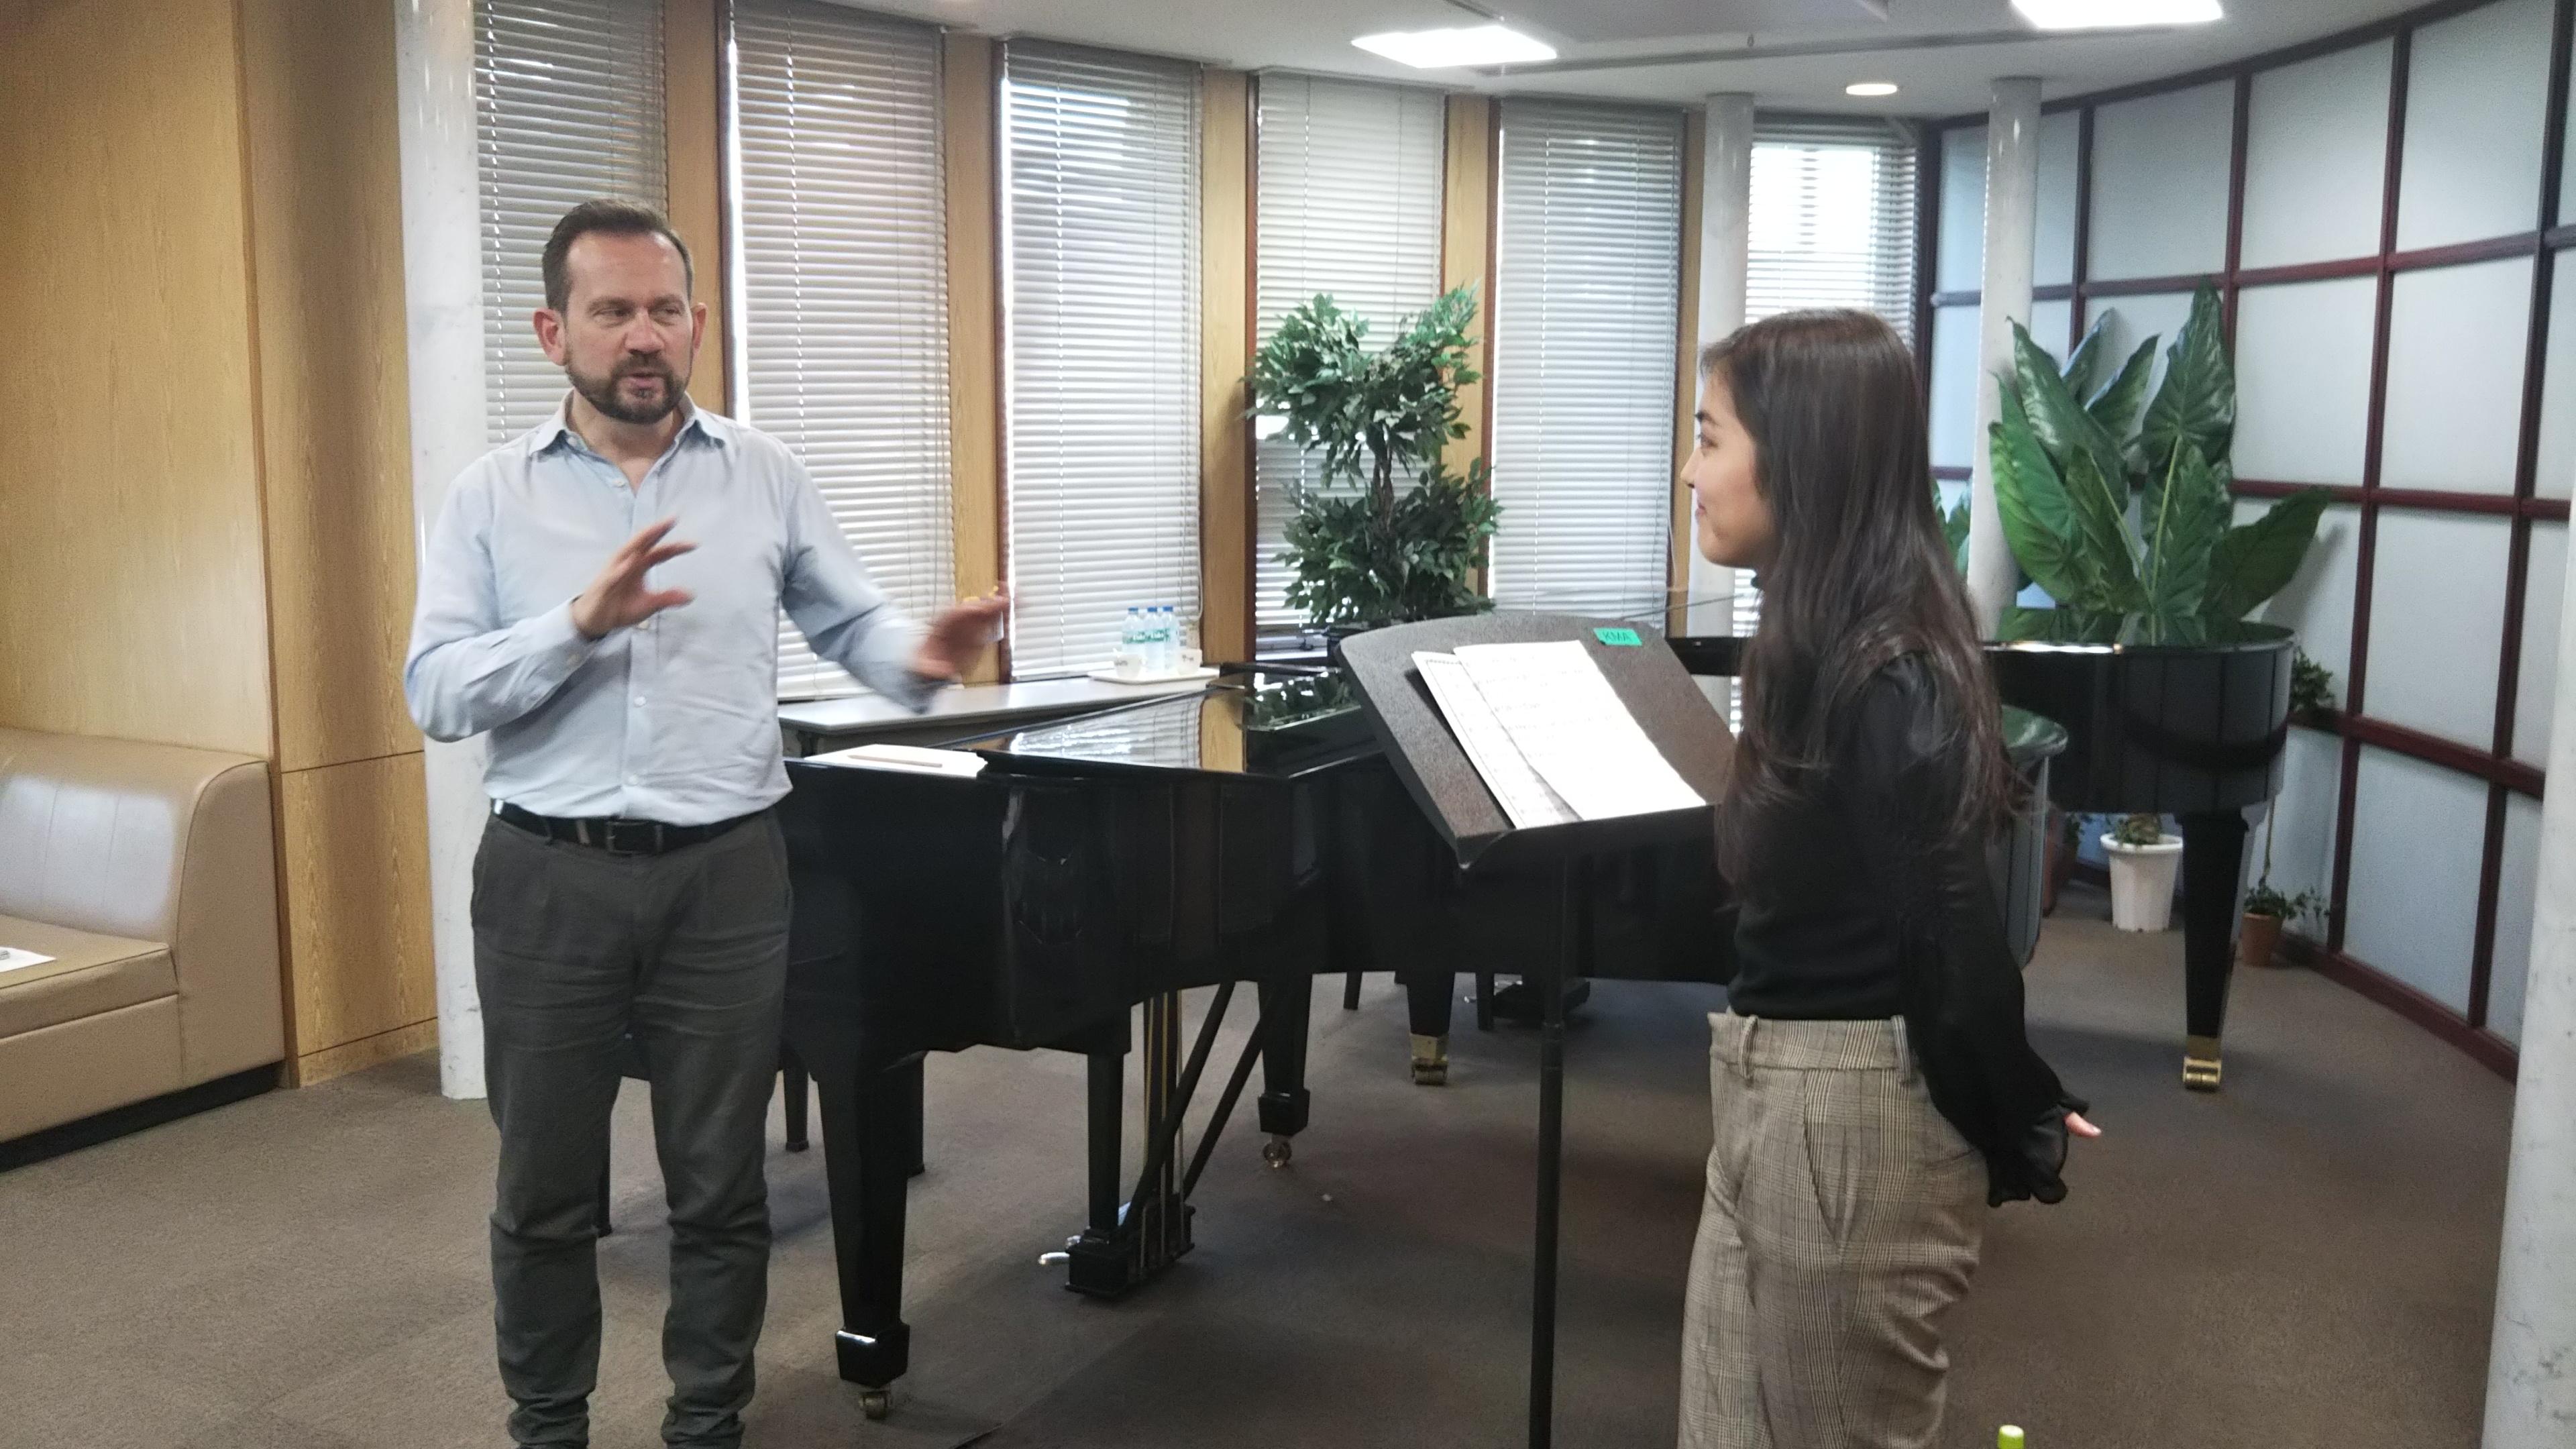 グランドピアノの前で身振り手振りを交えつつ、国立音楽院の在校生へ指導するジュリオザッパ氏。